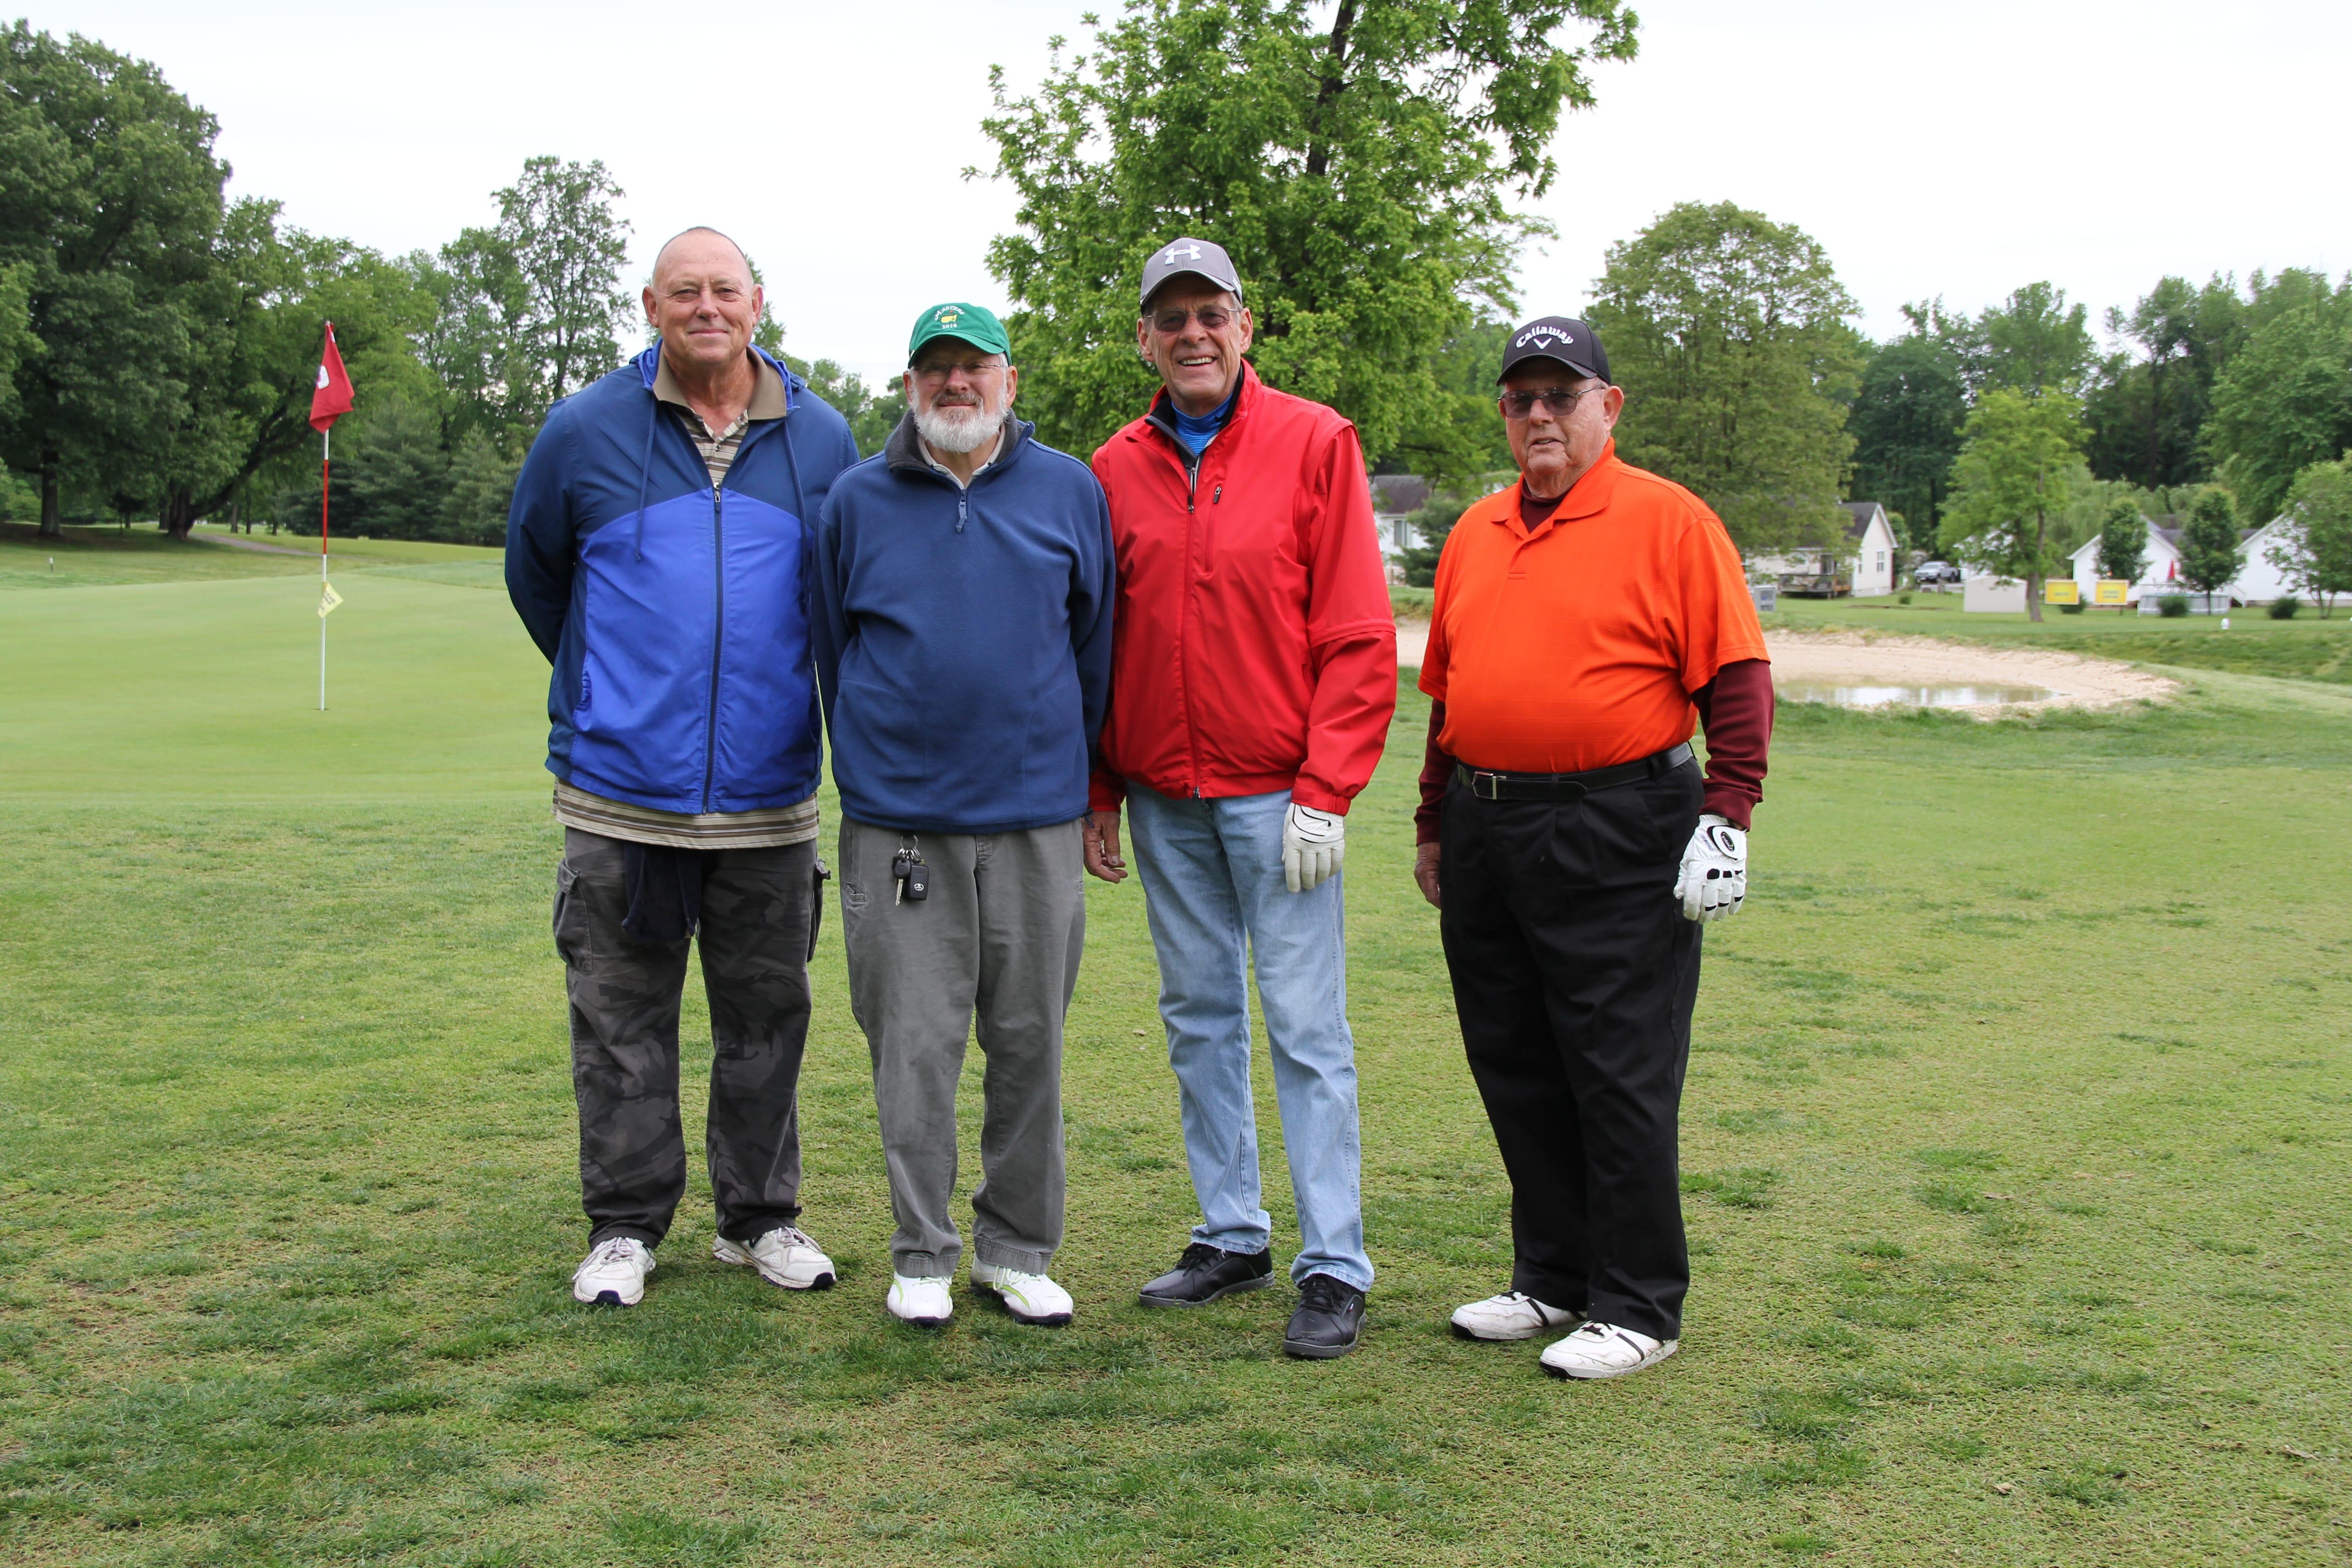 IMG_5907 - Team 5 - Larry Hill, Rodger Strickler, Leonard Okrie, Bill Gainey